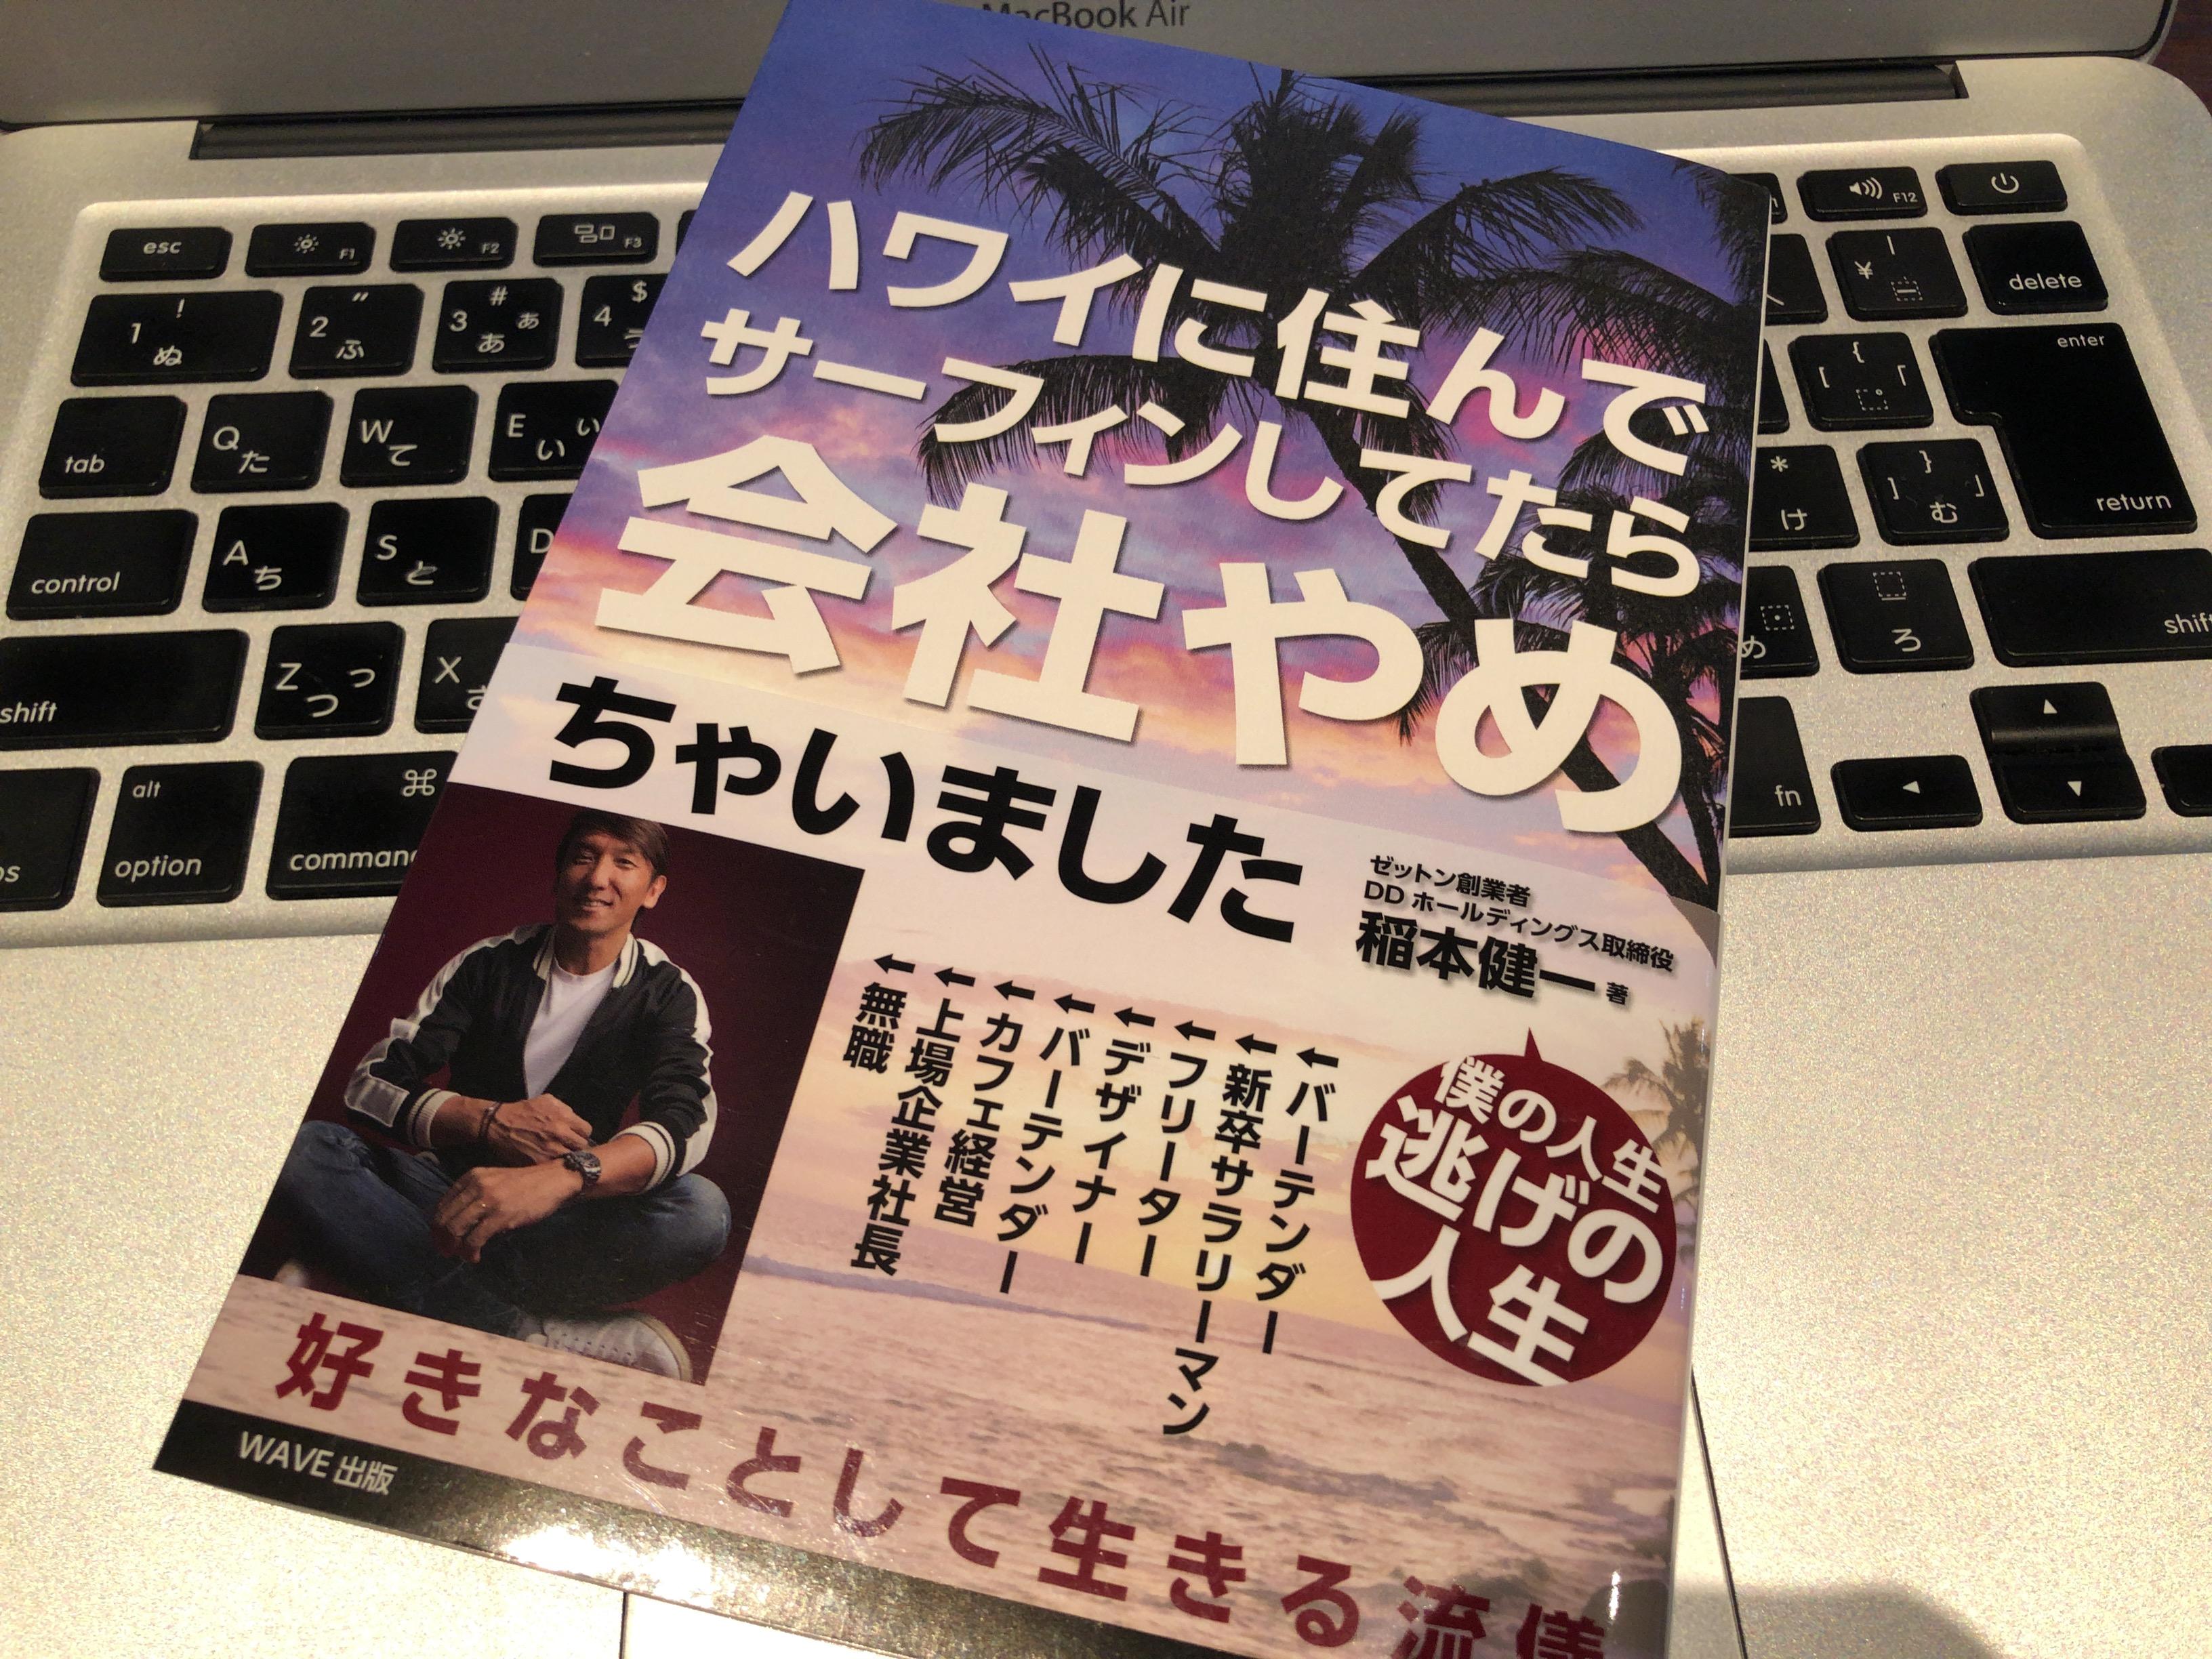 稲本健一 書評 ハワイに住んでサーフィンしてたら会社やめちゃいました レビュー・感想